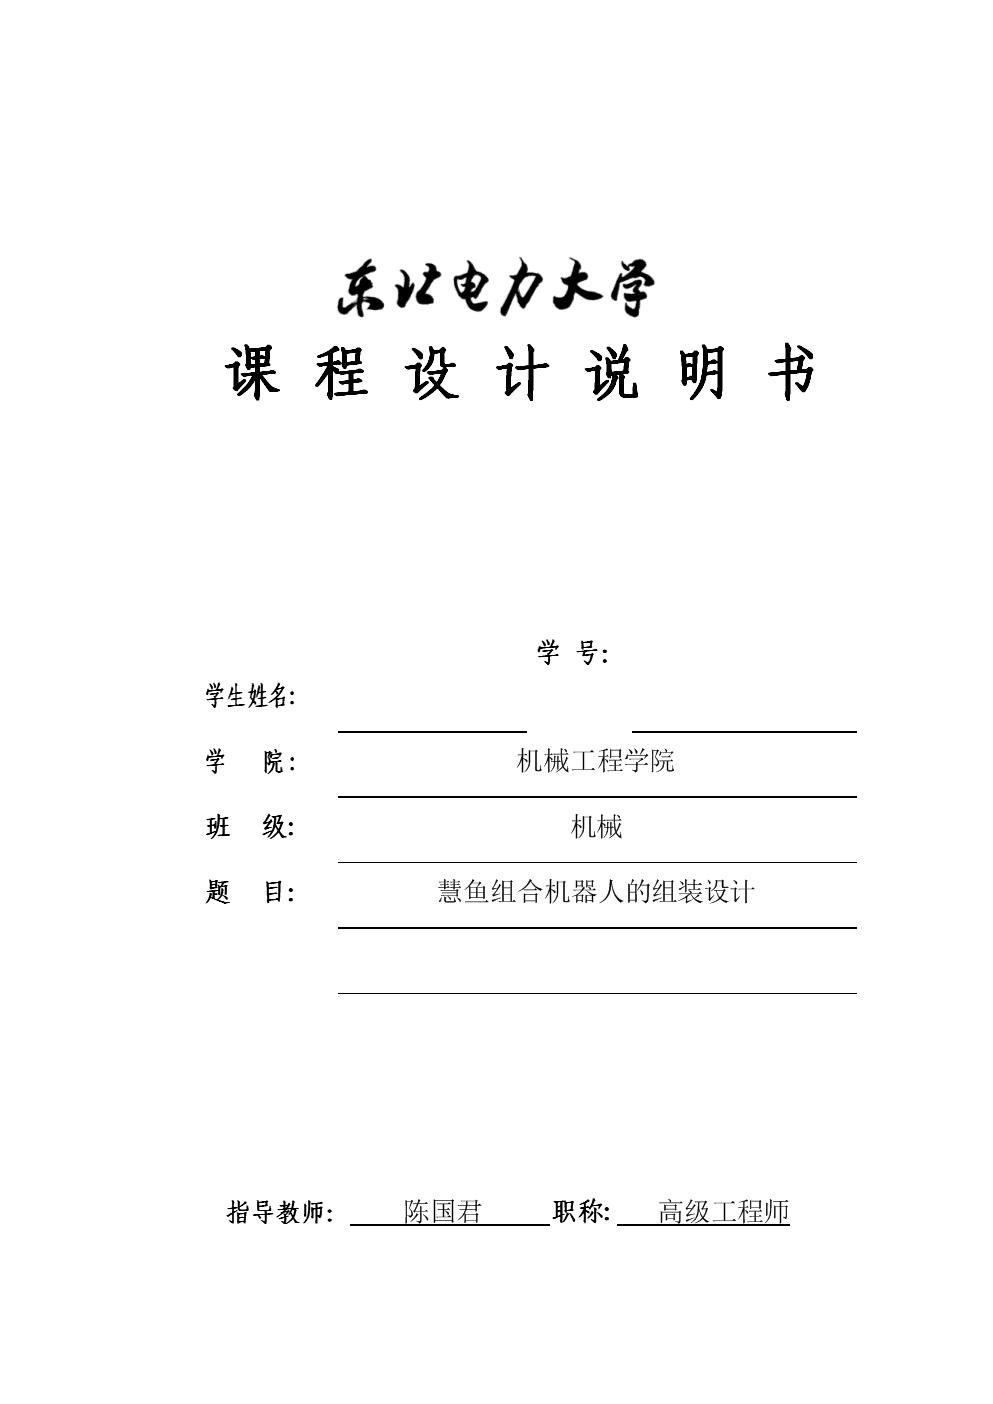 85分惠鱼机器人论文.docx